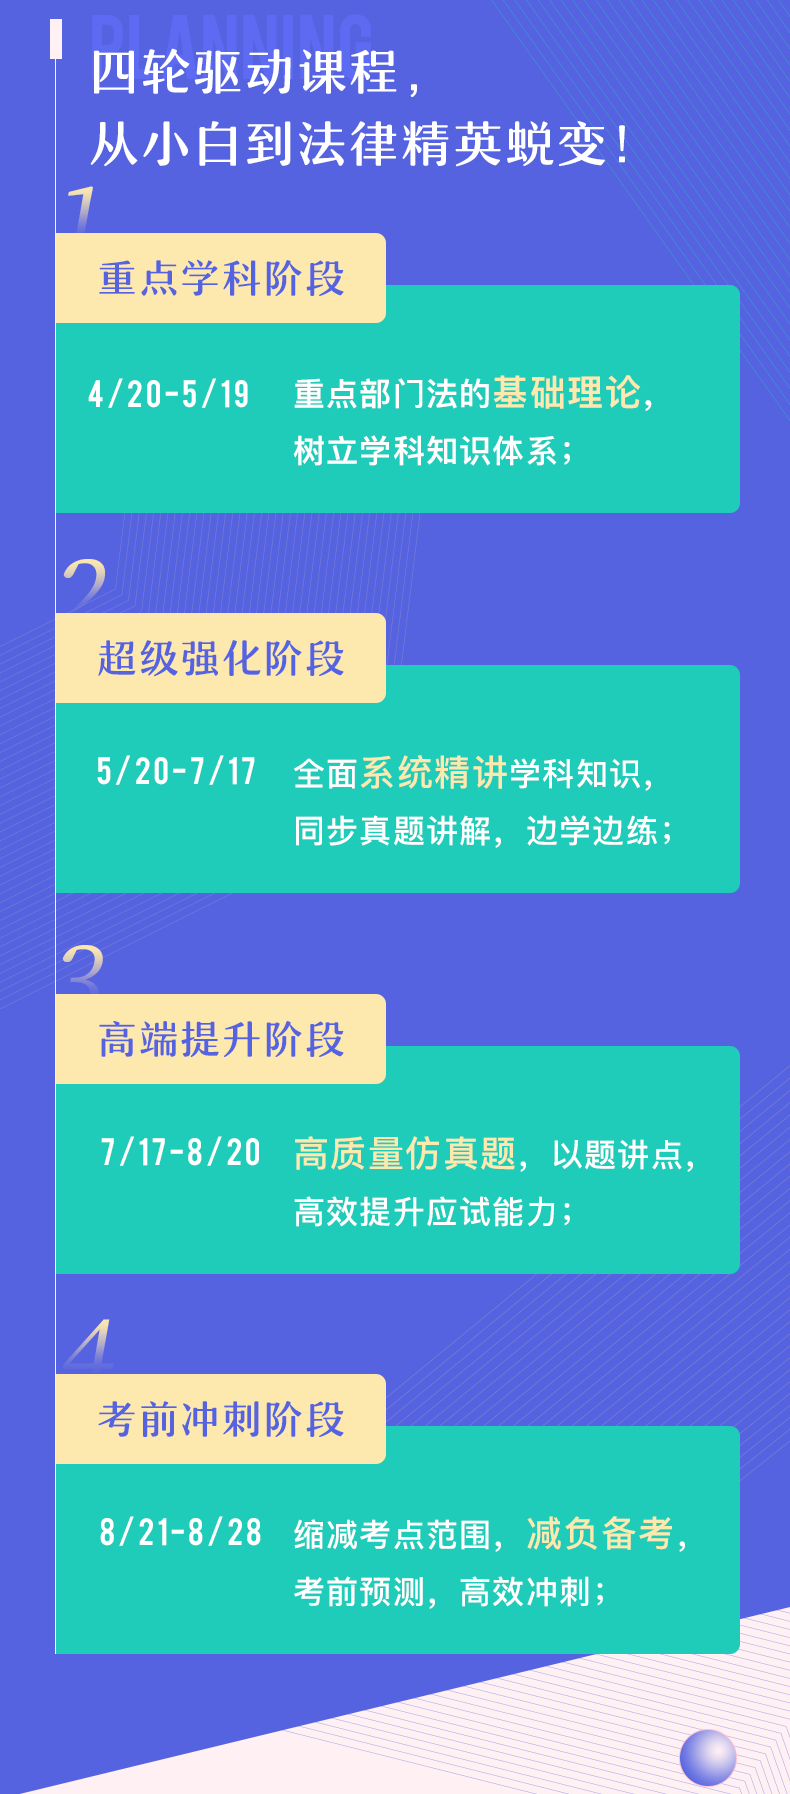 北京vip协议班(1)_02.png